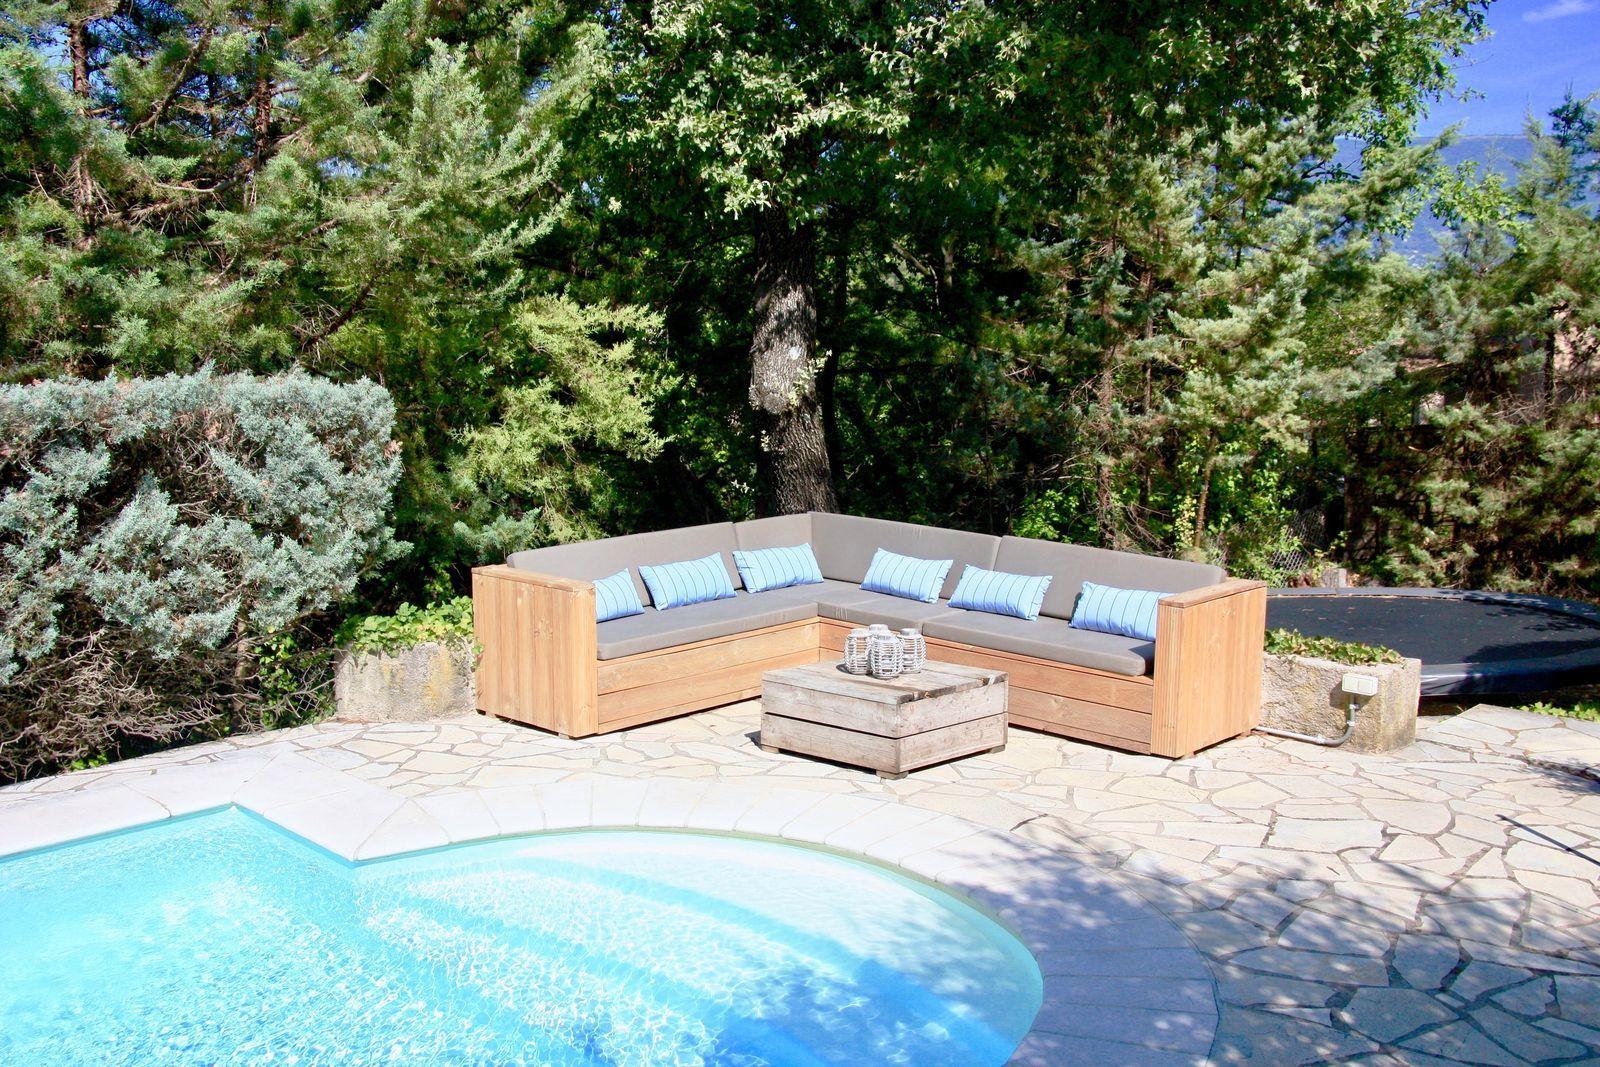 Villa Timo - vakantiehuis met zwembad in Zuid-Frankrijk